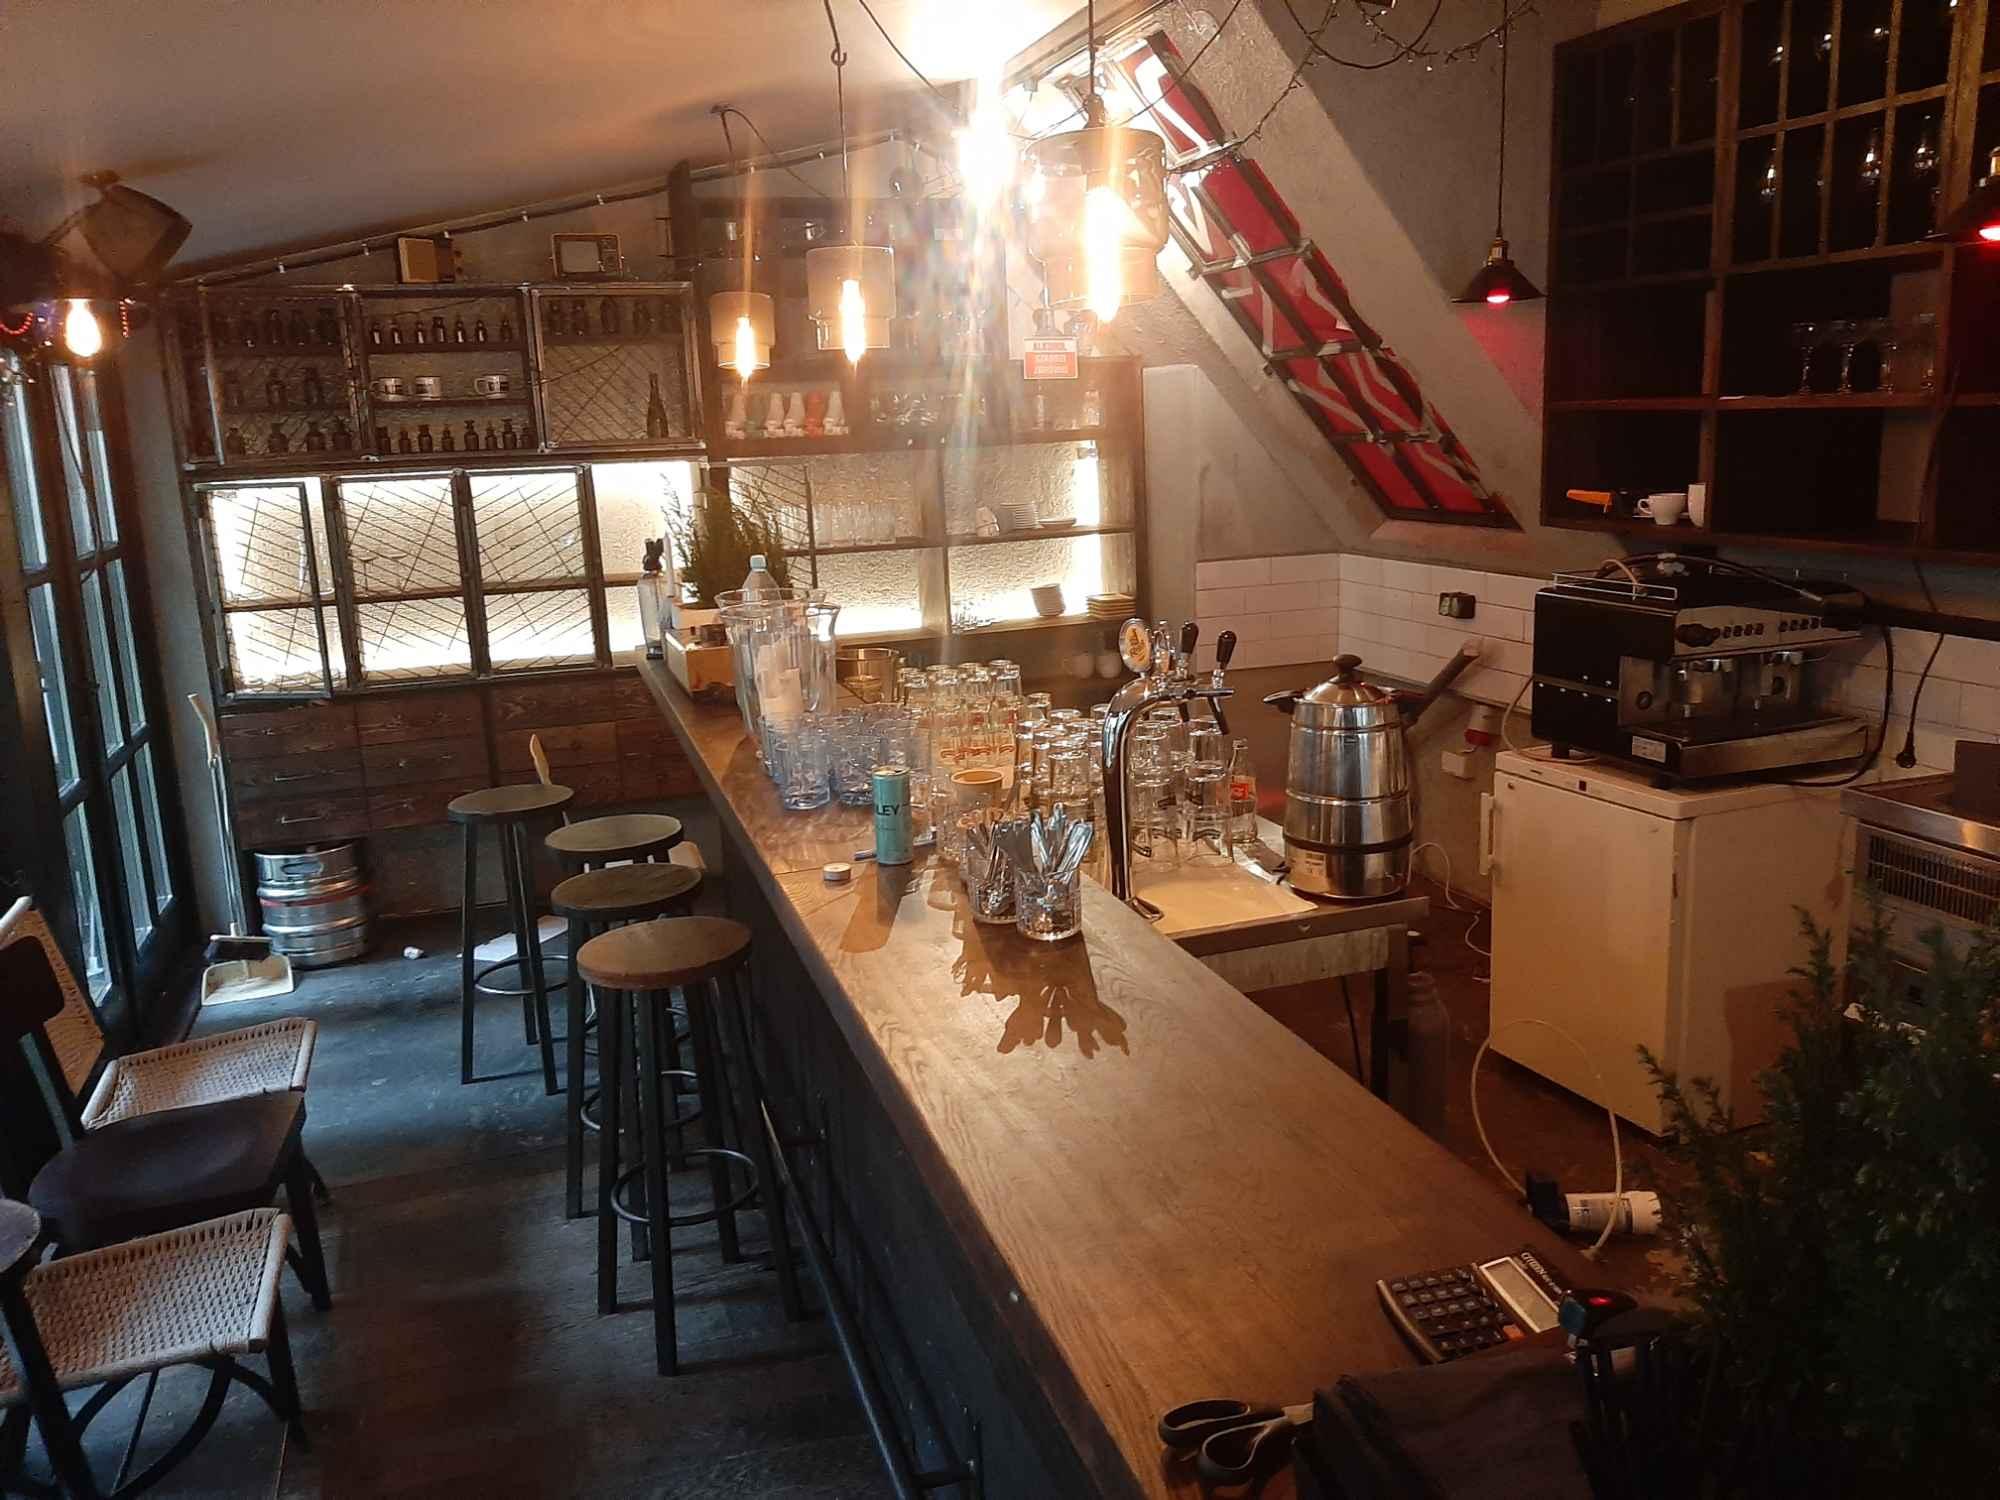 Odstąpię/Sprzedam gotowy biznes -Restaurację - Firma z Lokalem 500 m2 Śródmieście - zdjęcie 7